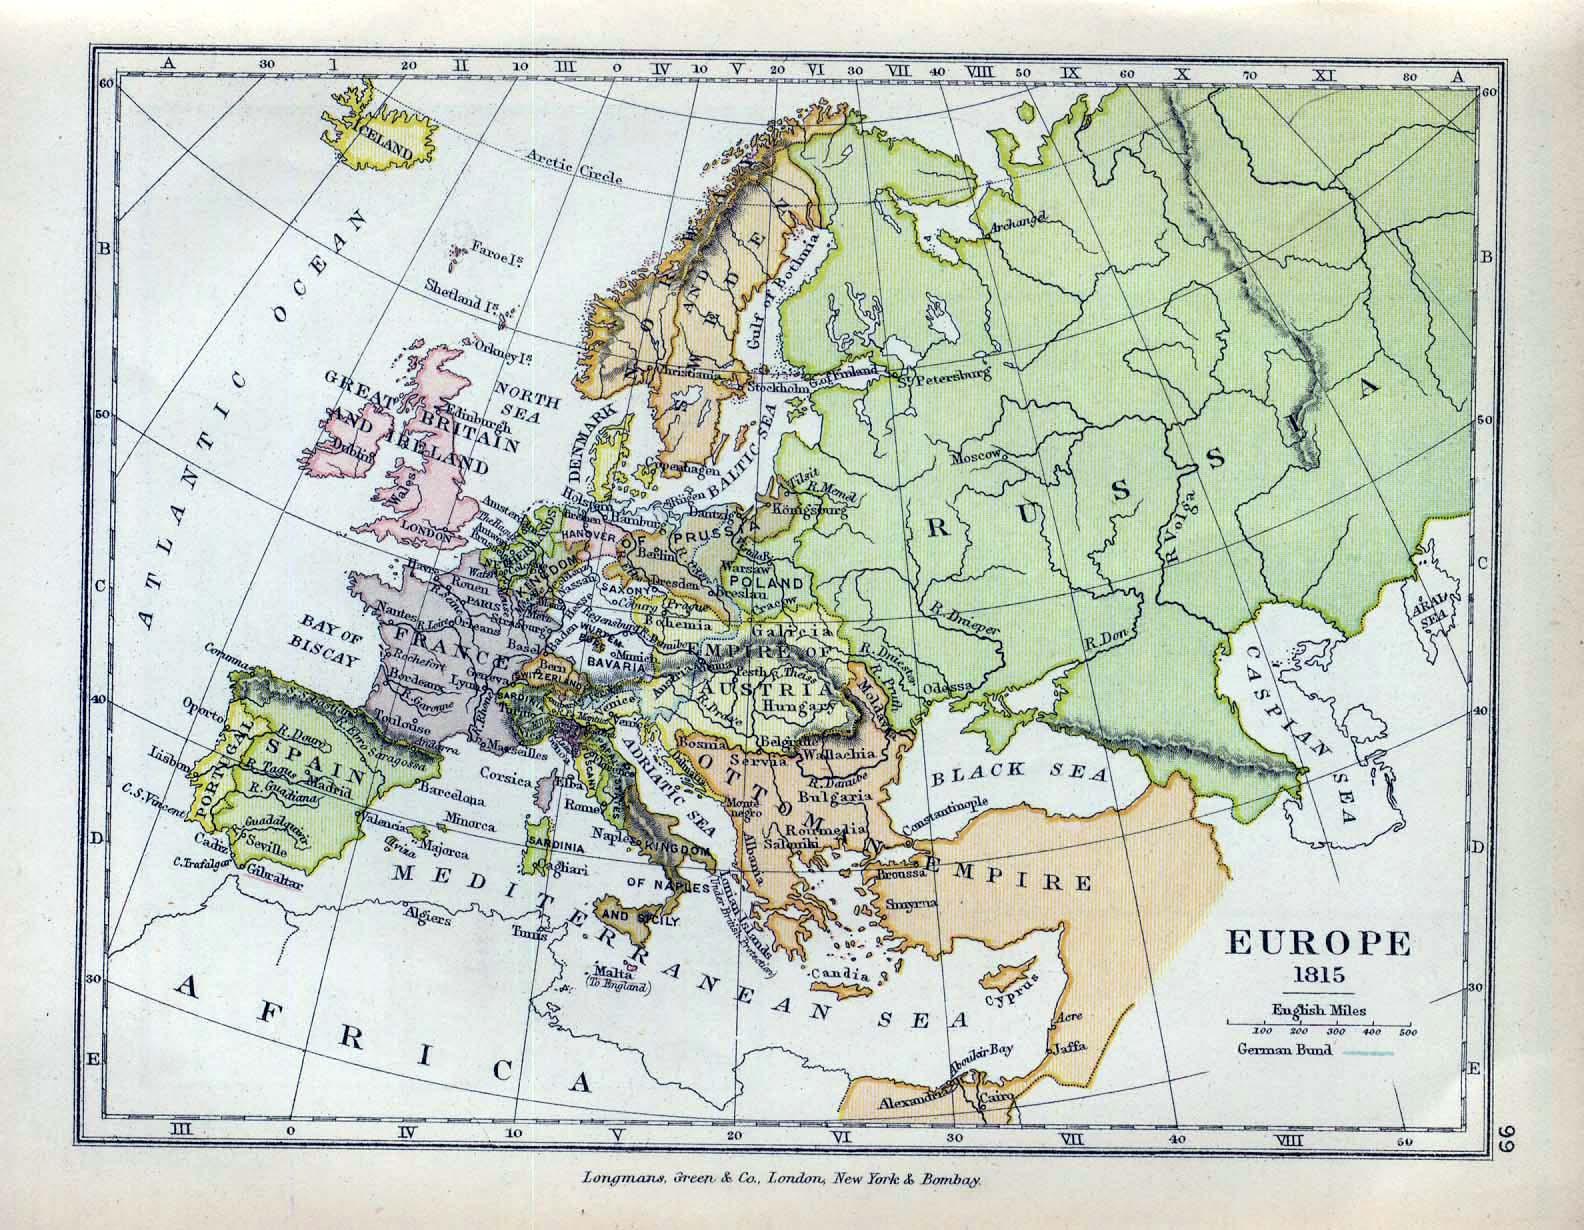 Europa despues del Congreso de Viena 1815